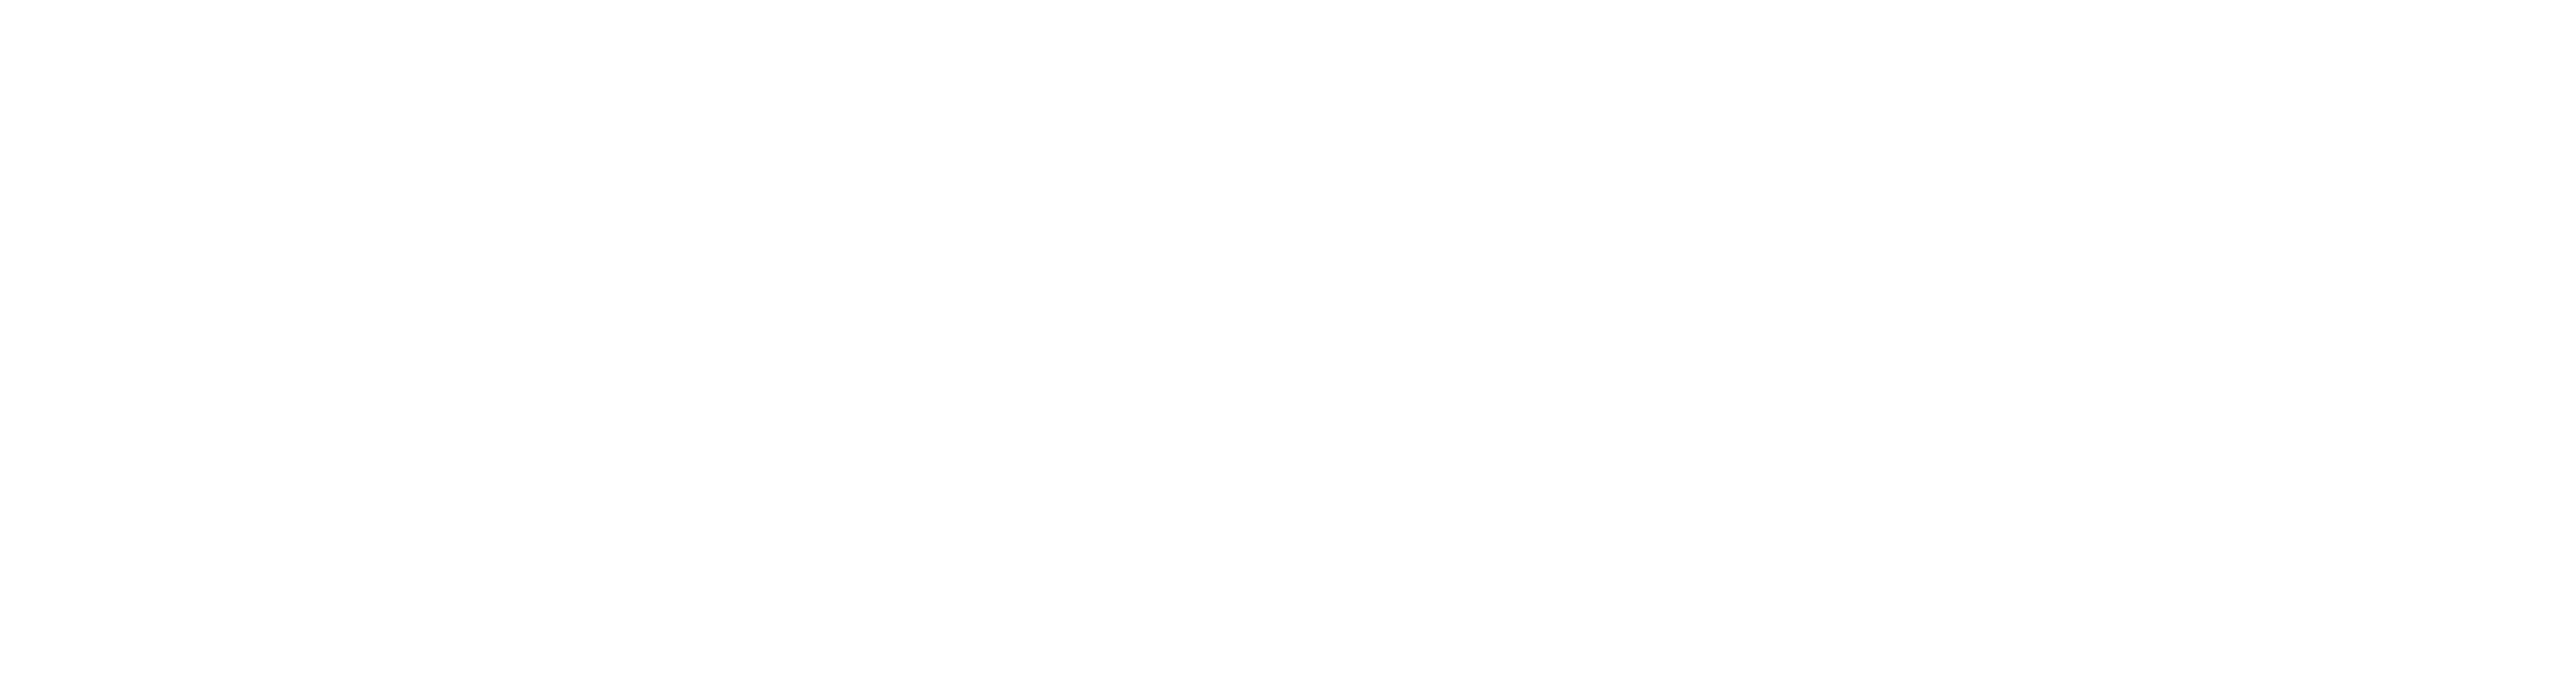 paymaya-negosyo-logo-white